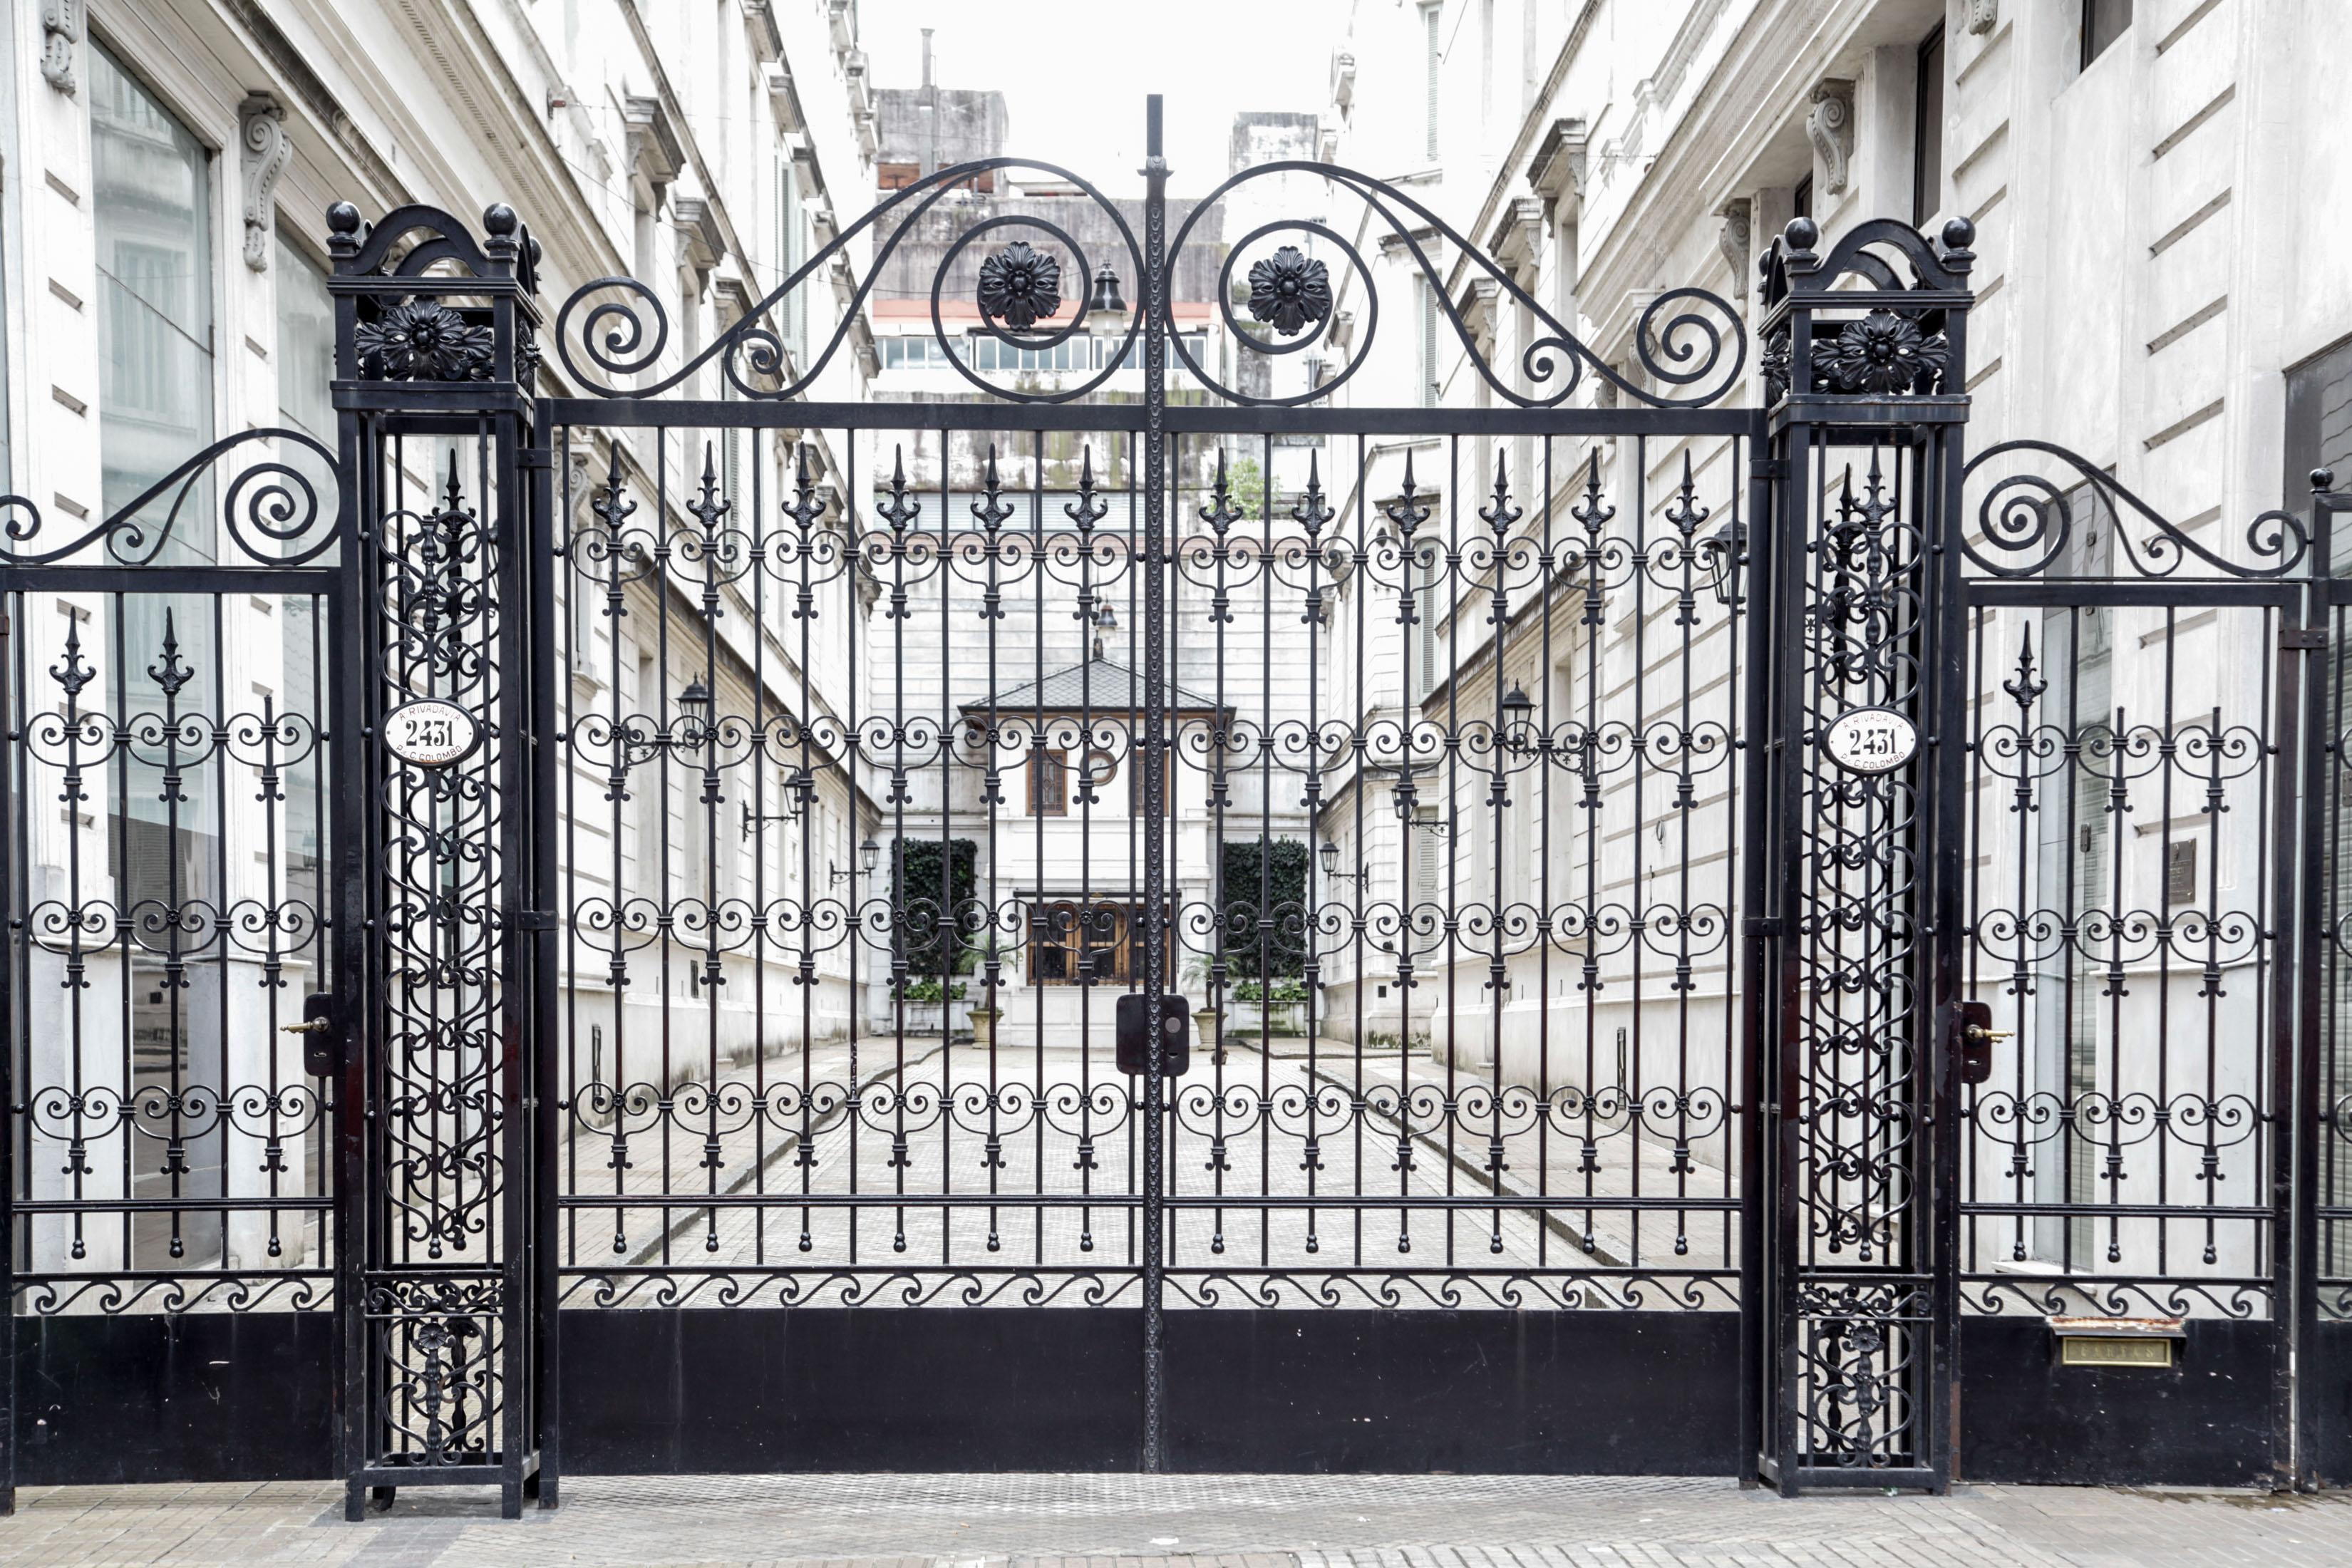 En 1997, en procura de resguardar su patrimonio, fue inscripto en el Área de Protección Histórica (APH) de la Ciudad de Buenos Aires(Estrella Herrera-gv/GCBA)